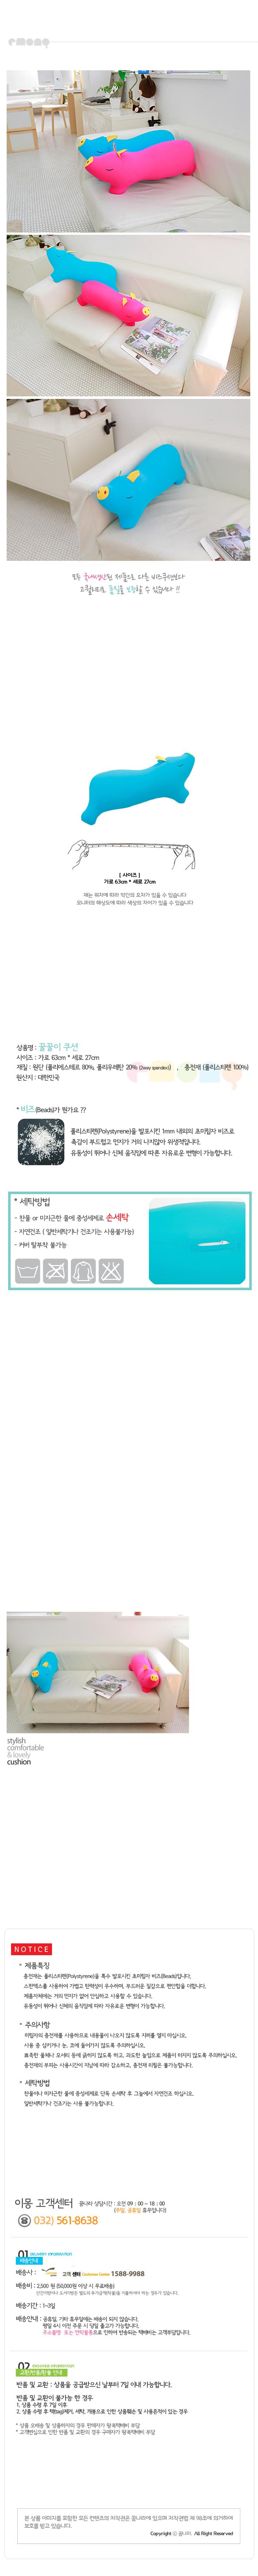 비즈쿠션-꿀꿀이 - 이몽, 25,000원, 쿠션, 캐릭터